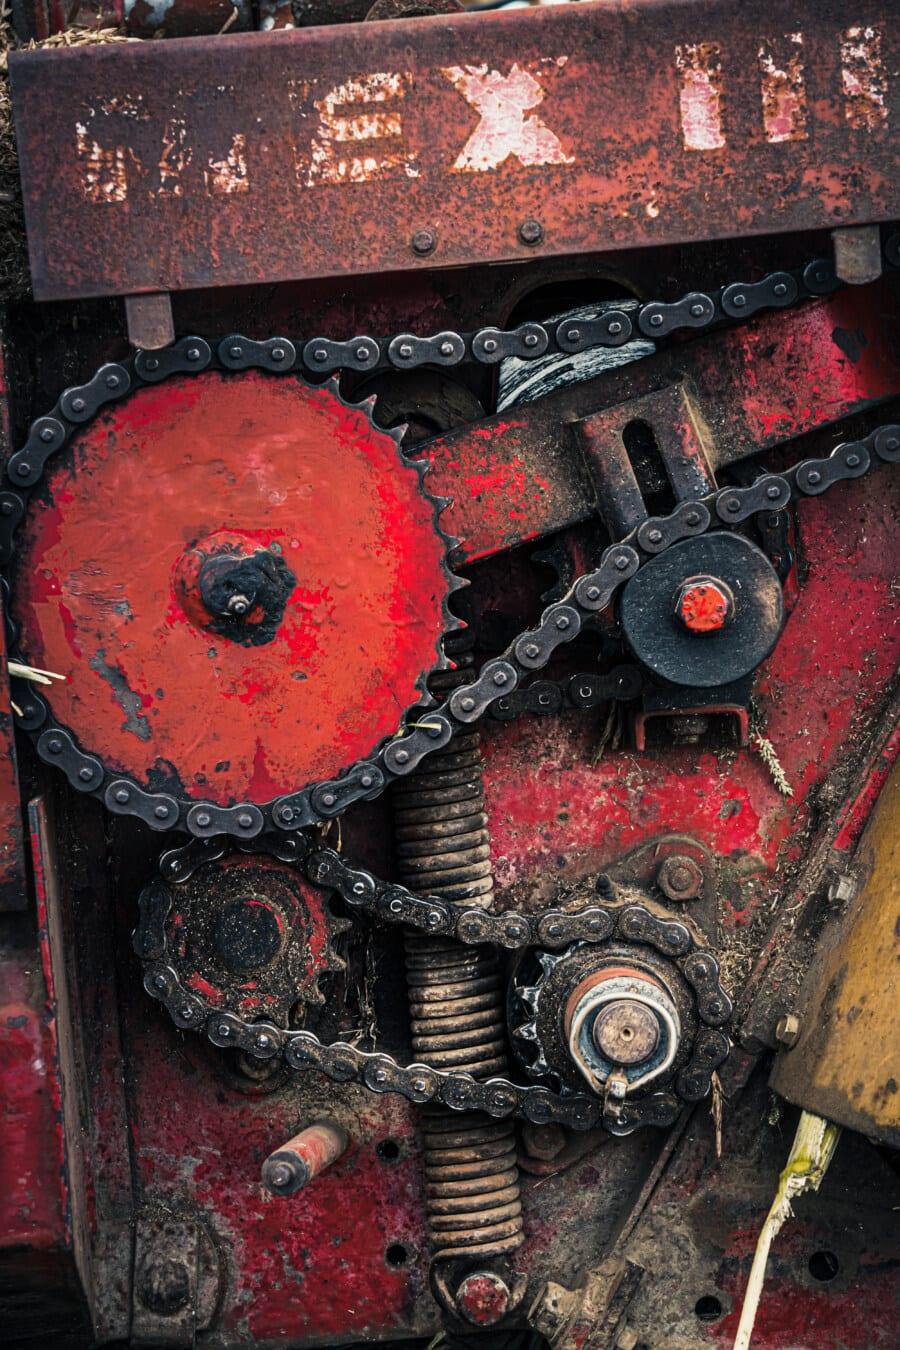 Engine, Übertragung, Metallgetriebe, Kette, Getriebe, Mechanismus, Ingenieurwesen, Mechaniker, alten Stil, Maschine